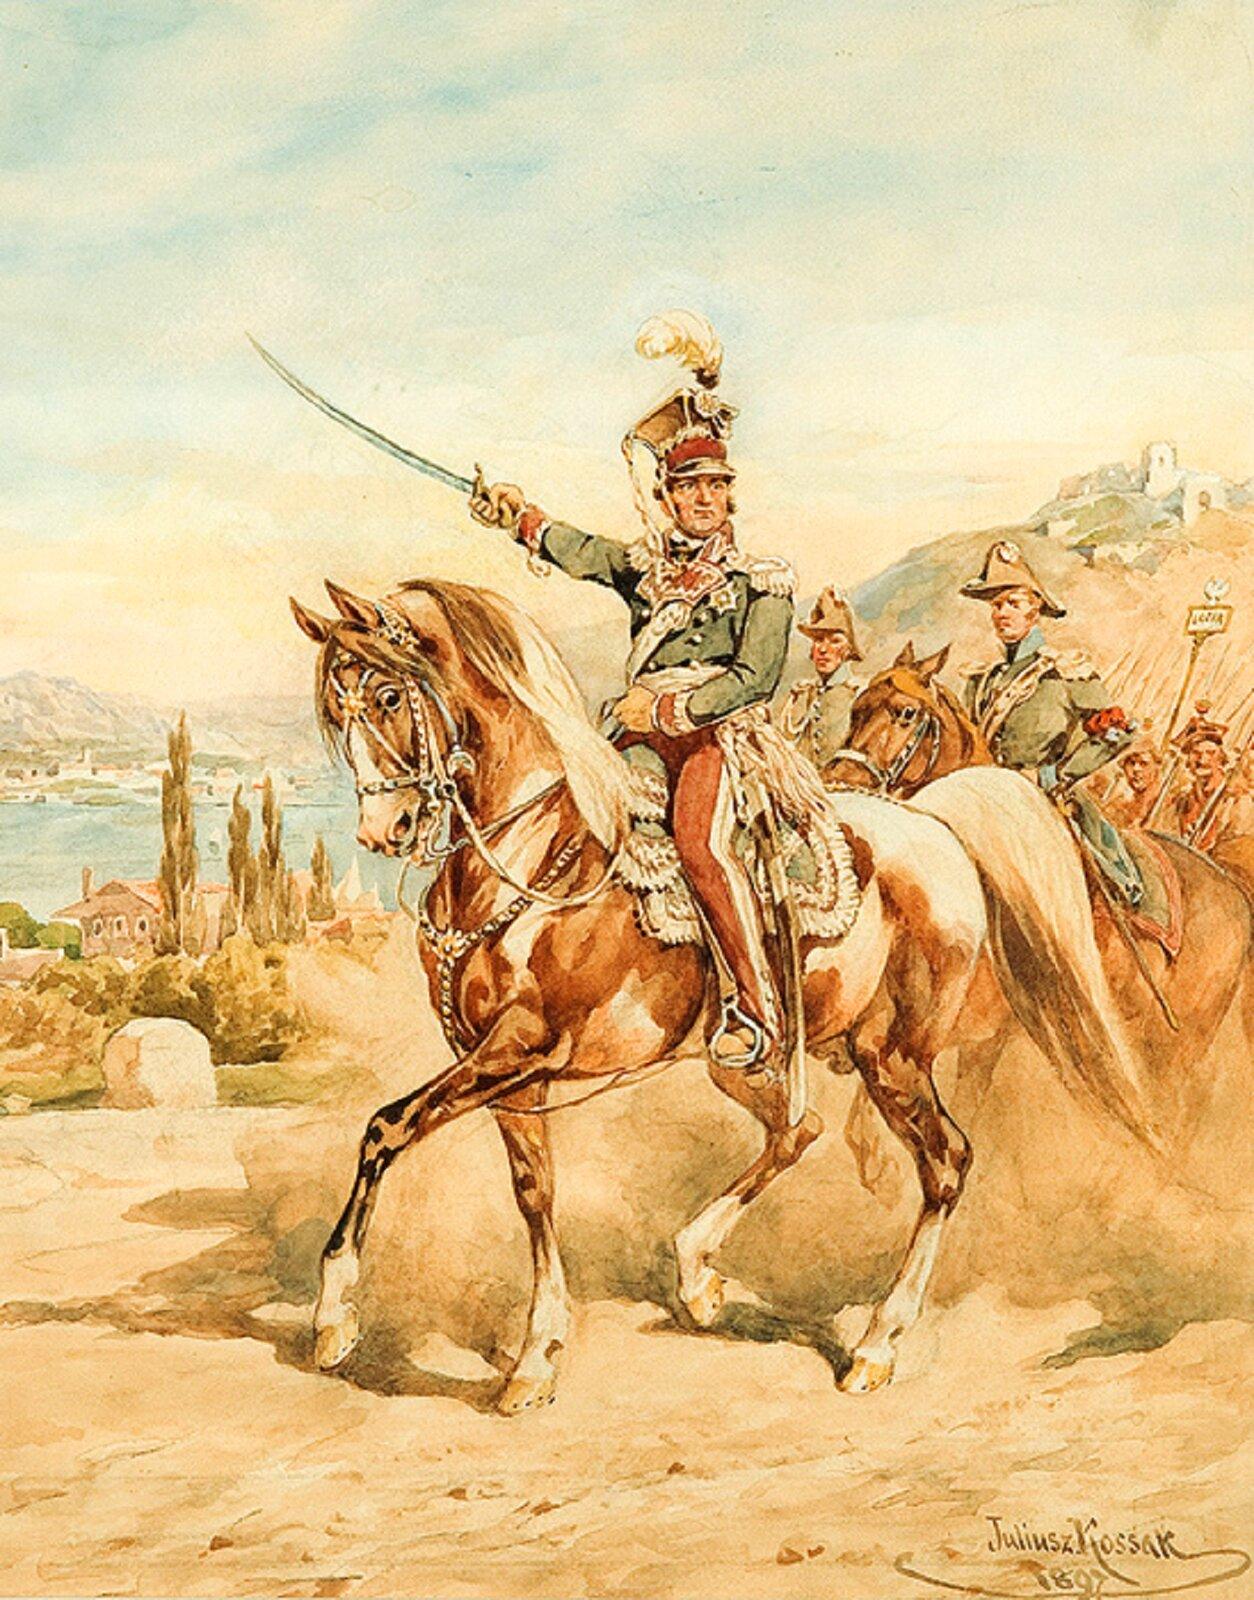 """Ilustracja przedstawia obraz """"Marsz, marsz Dąbrowski!"""", autorstwa Juliusza Kossaka. Na głównym planie widoczny jest Jan Henryk Dąbrowski, polski generał. Postać uwieczniona została podczas jazdy konnej. Generał znajduje się na czele Legionów. Tło obrazu stanowią górskie pejzaże."""